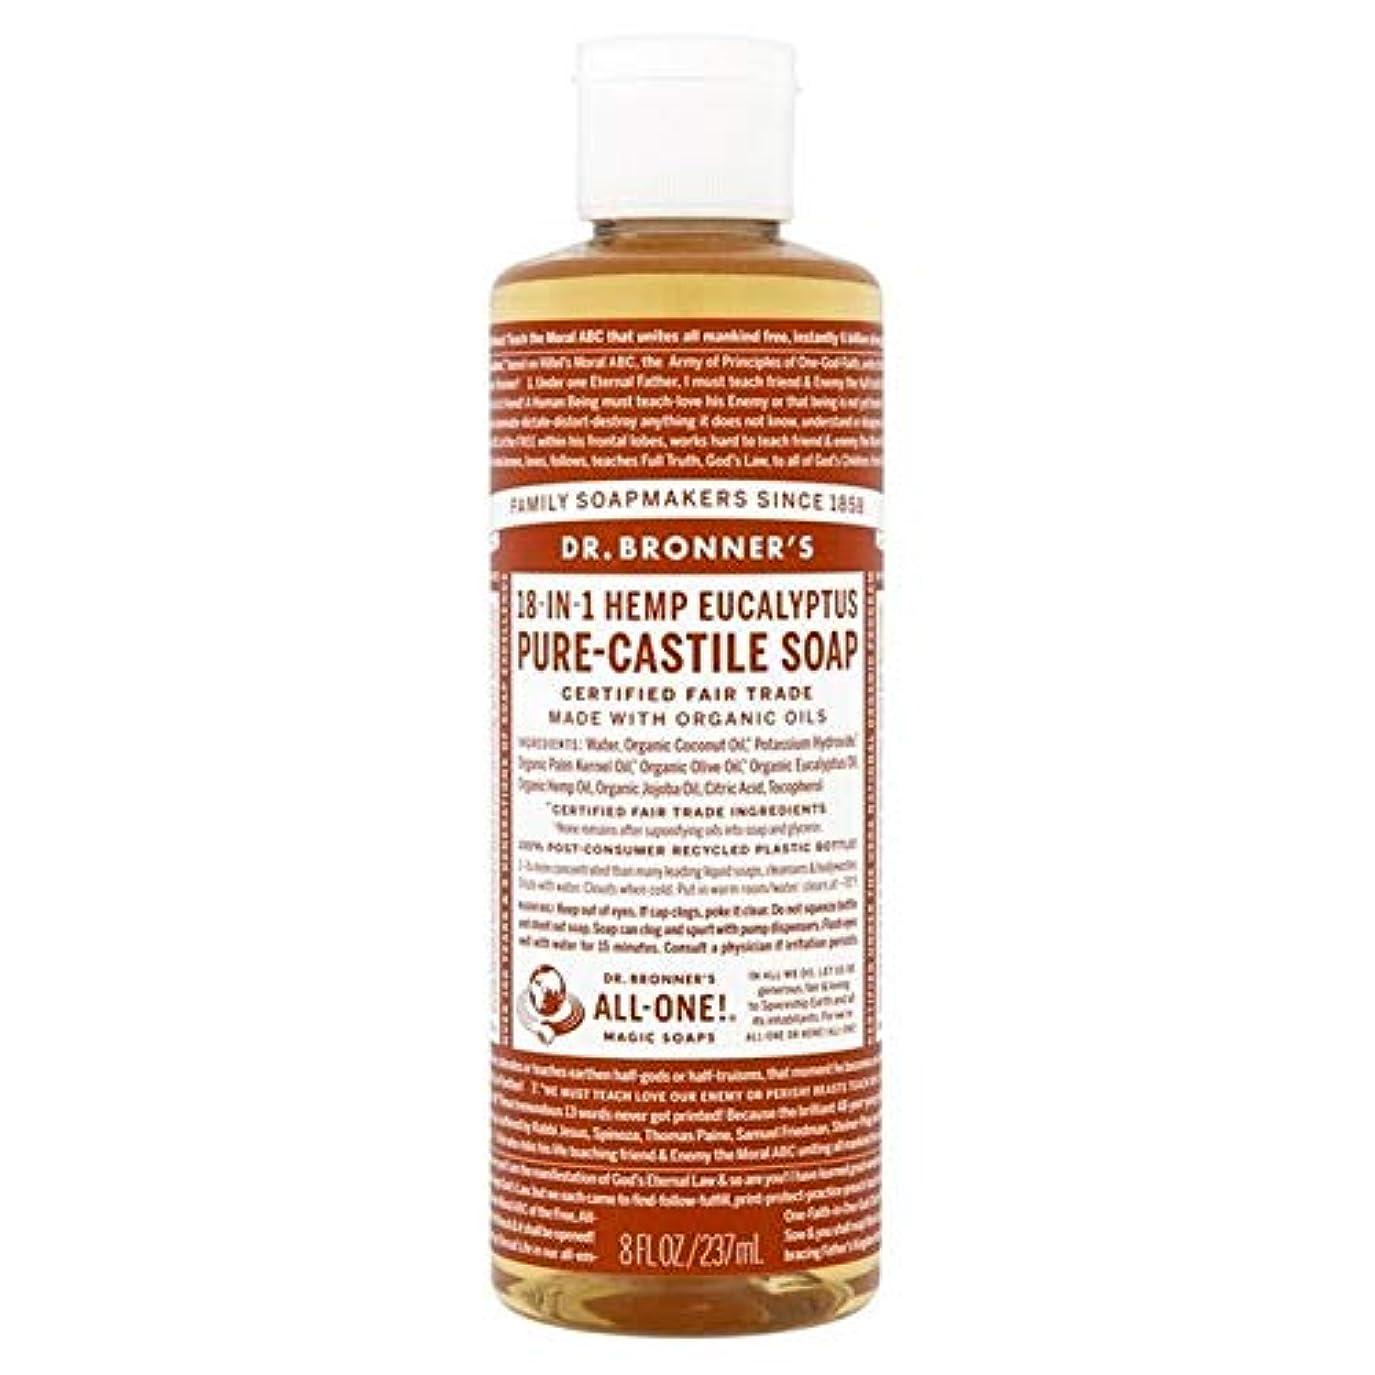 優しさリング病気だと思う[Dr Bronner] Dr。ブロナーズ有機ユーカリの純粋な-カスティーリャ液体石鹸237ミリリットル - Dr. Bronner's Organic Eucalyptus Pure-Castile Liquid Soap...